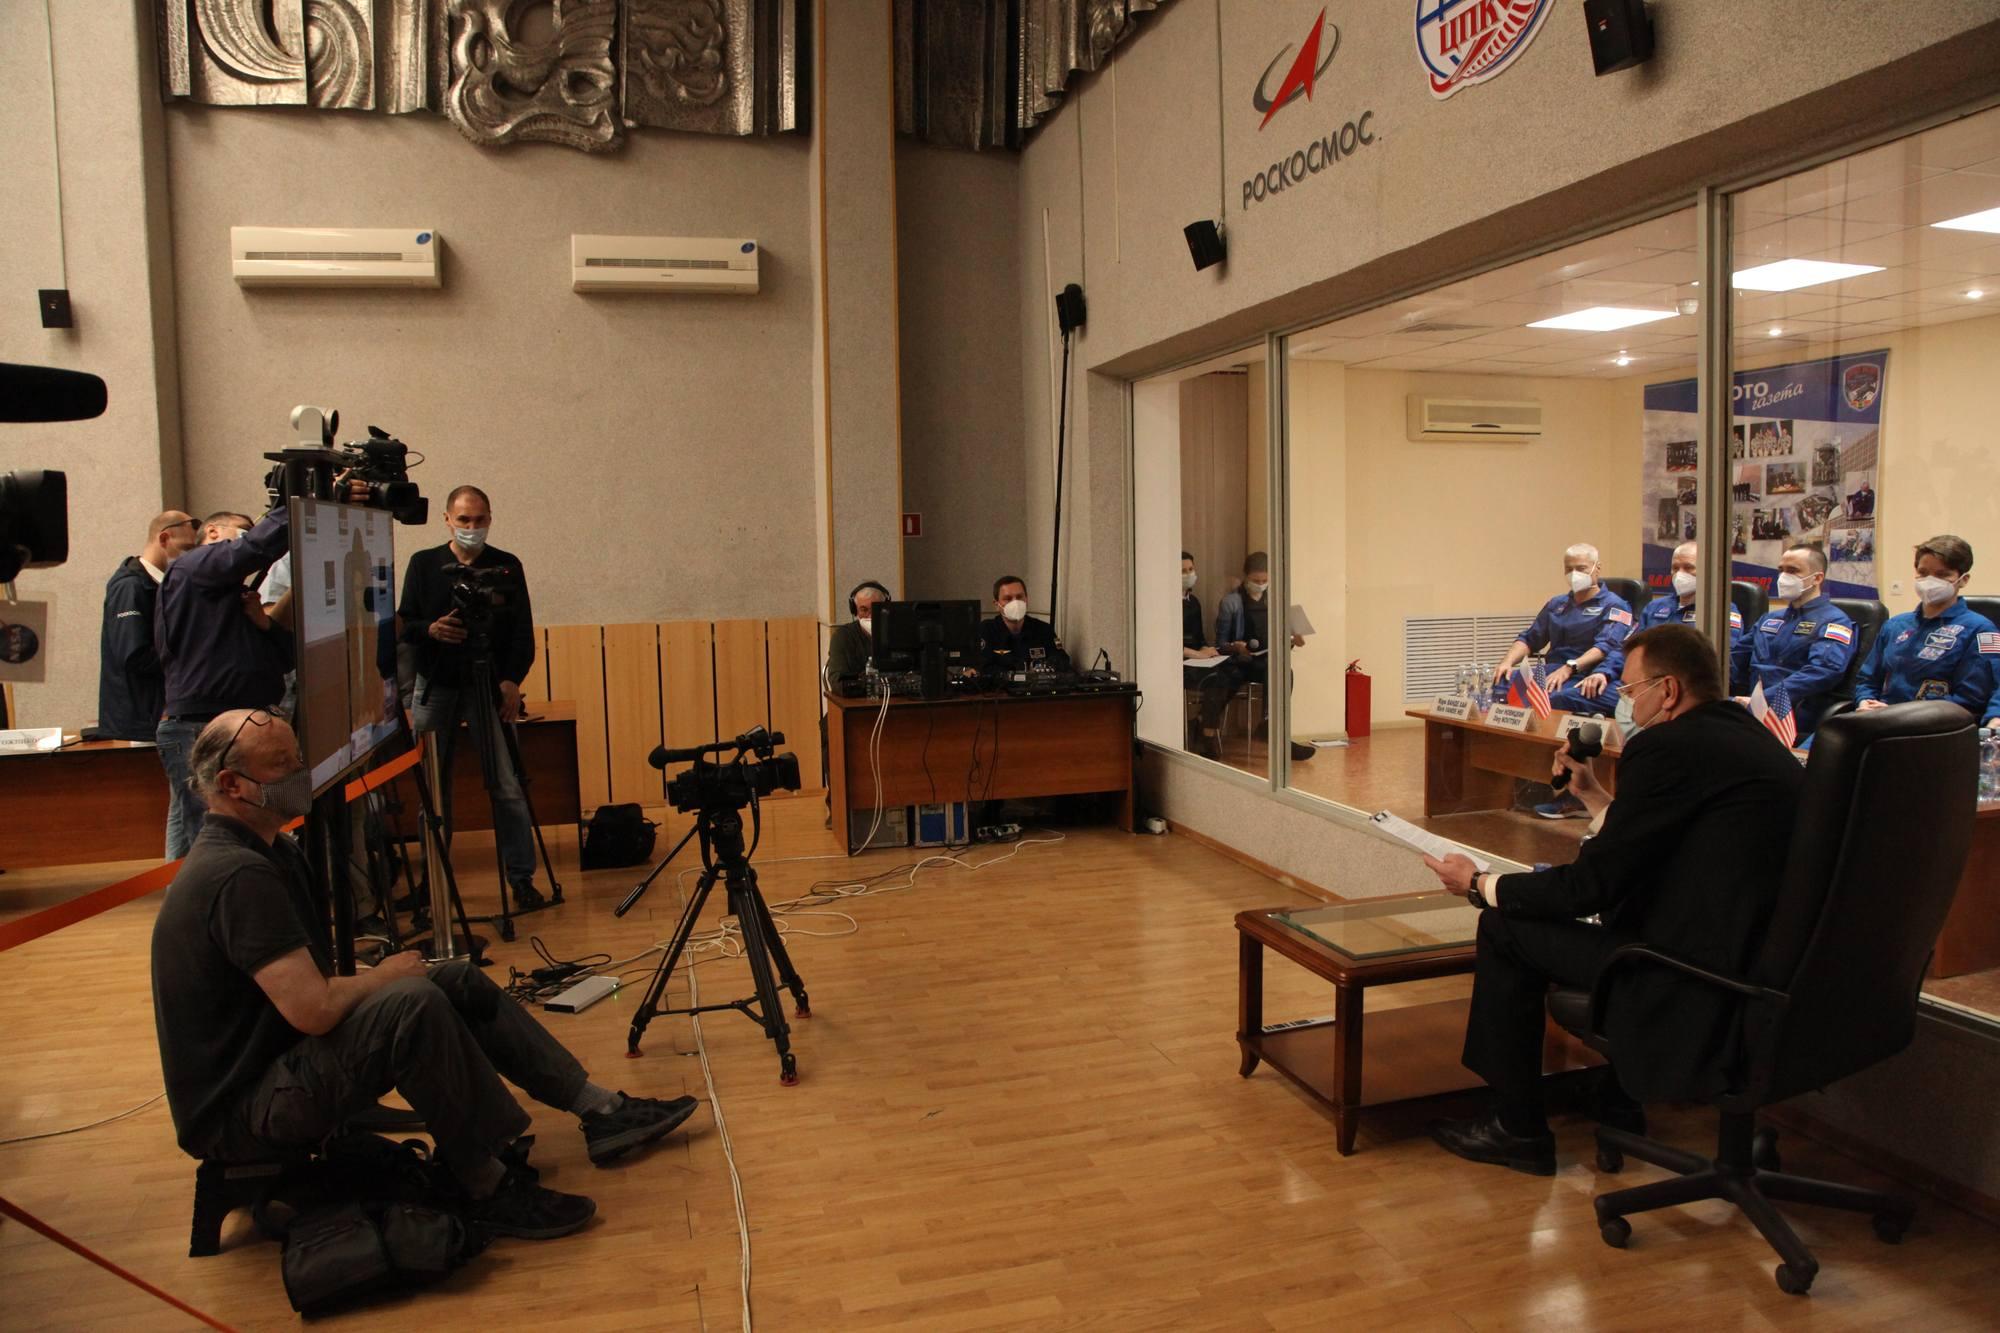 Une autre vue de la salle du TsPK lors de la vidéo-conférence de presse.